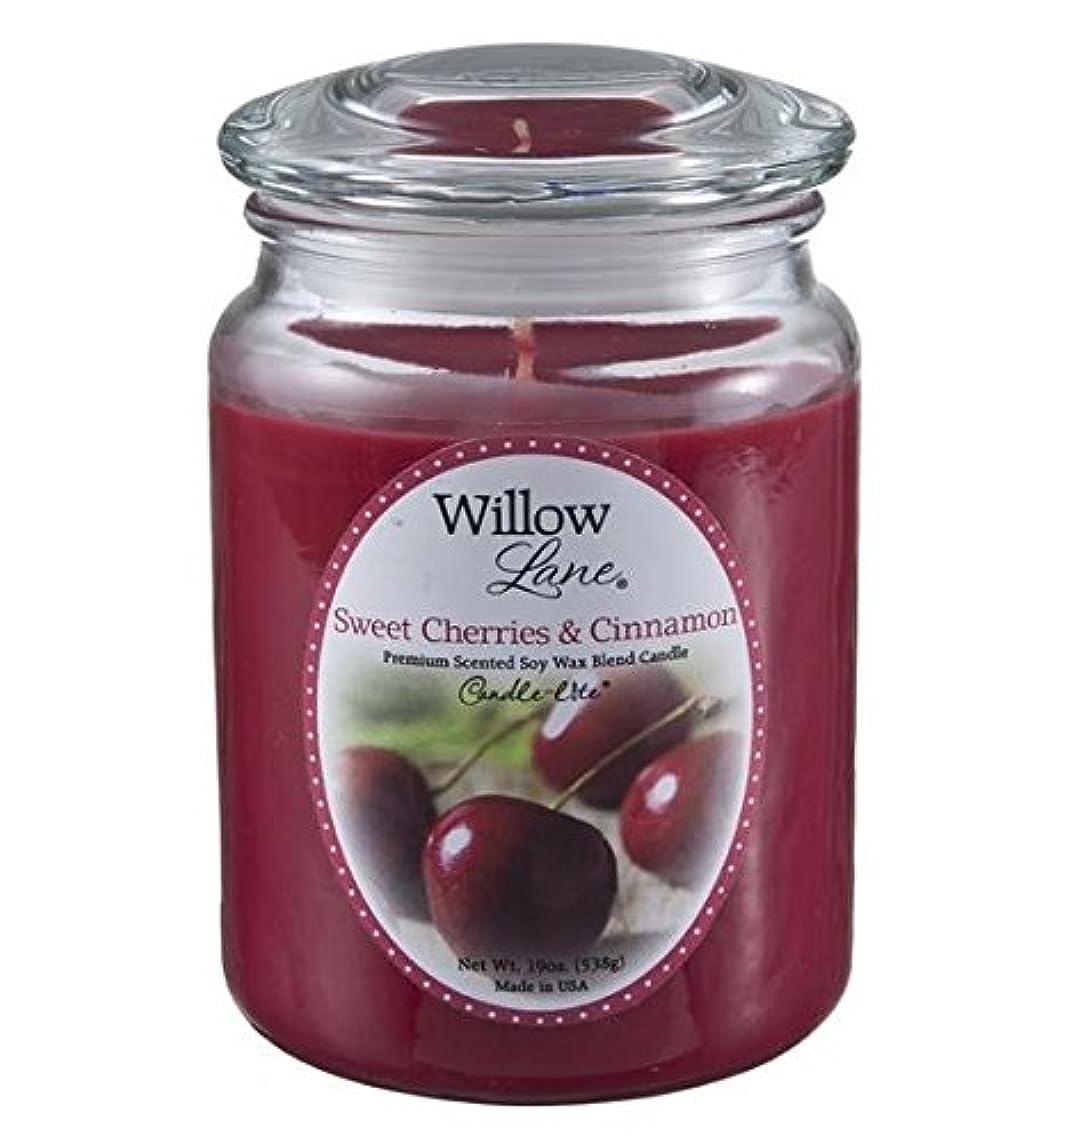 テーブルを設定する観客甘くするCandle Lite 1646991 Scented Candle、Sweet Cherries &シナモン、19-oz。 2 1646991